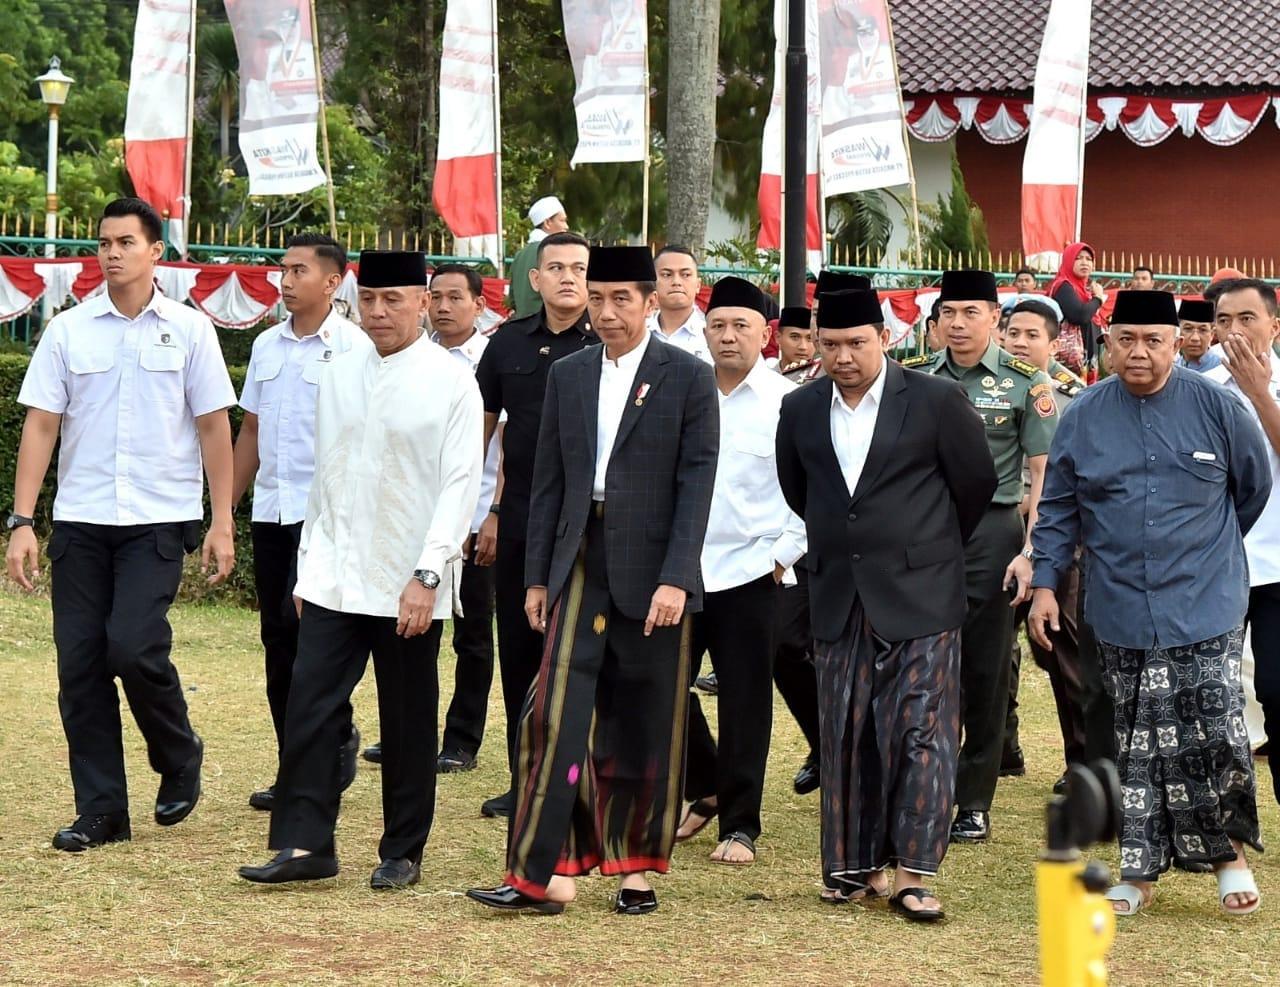 presiden-jokowi-iduladha-adalah-momen-untuk-berbagi-9